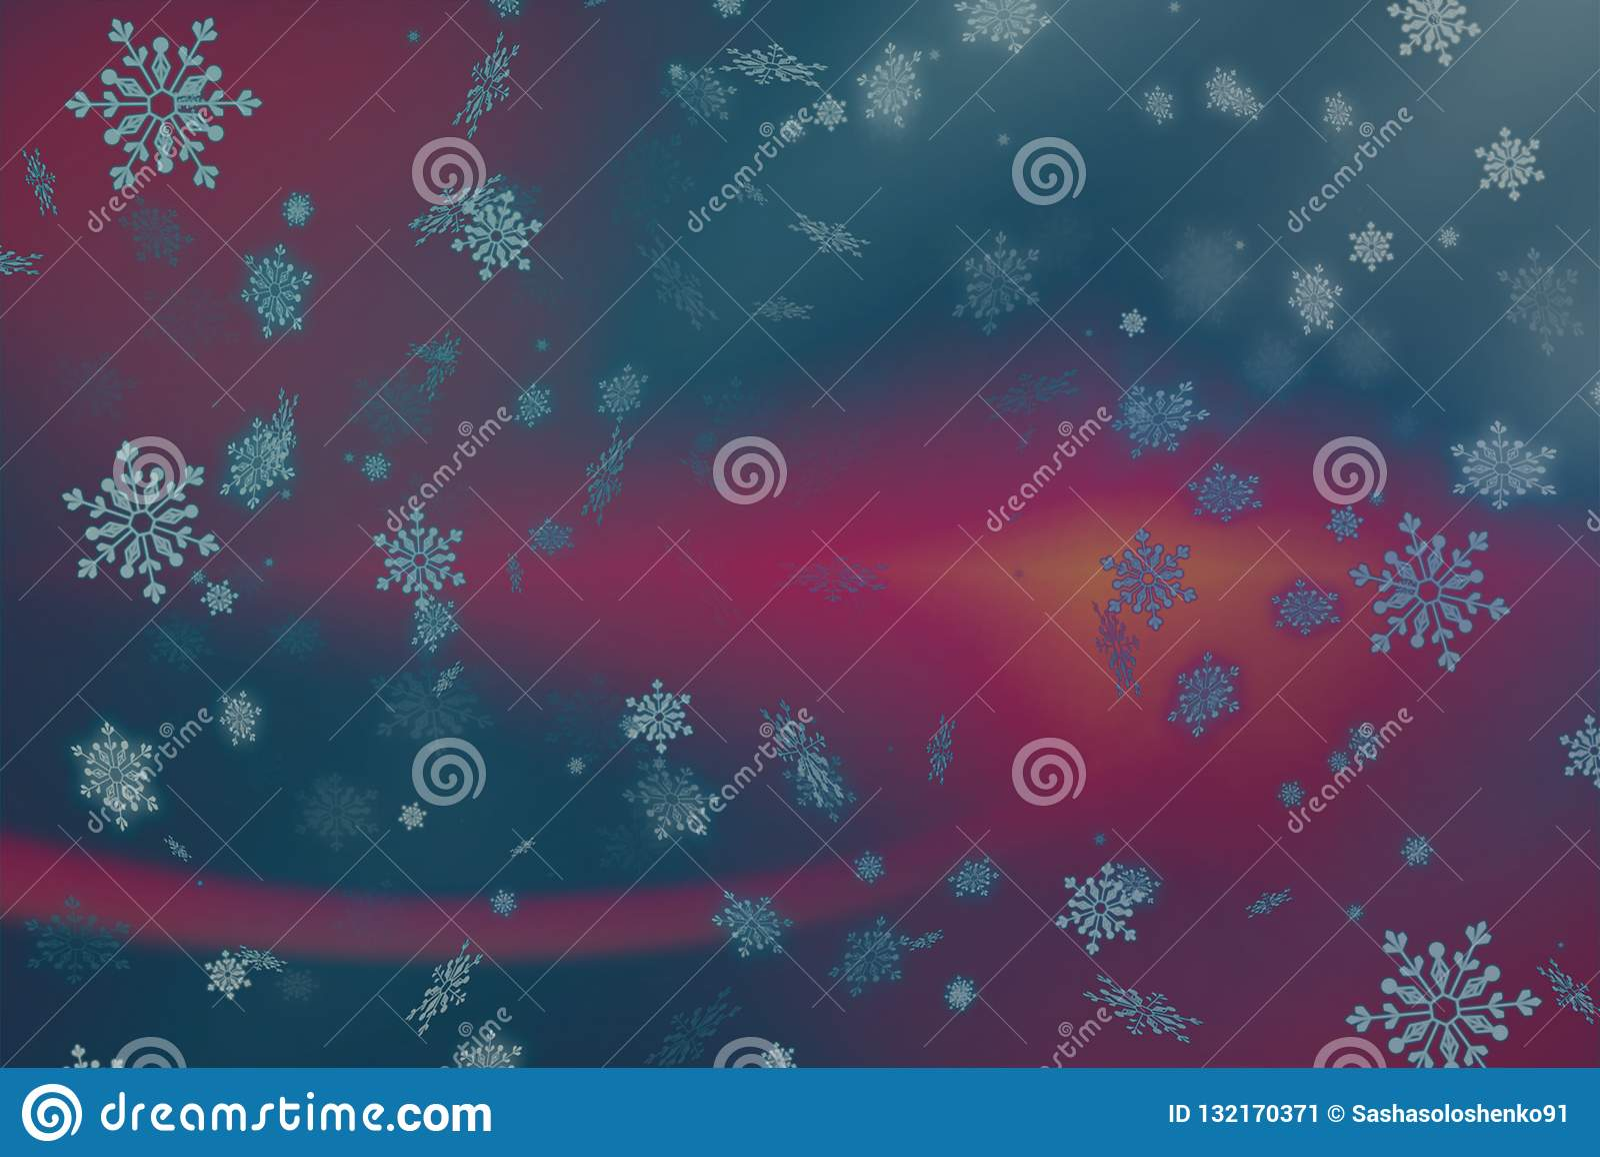 Abstracte Roze en purpere Kerstmisachtergrond met sneeuw en sneeuwvlokken